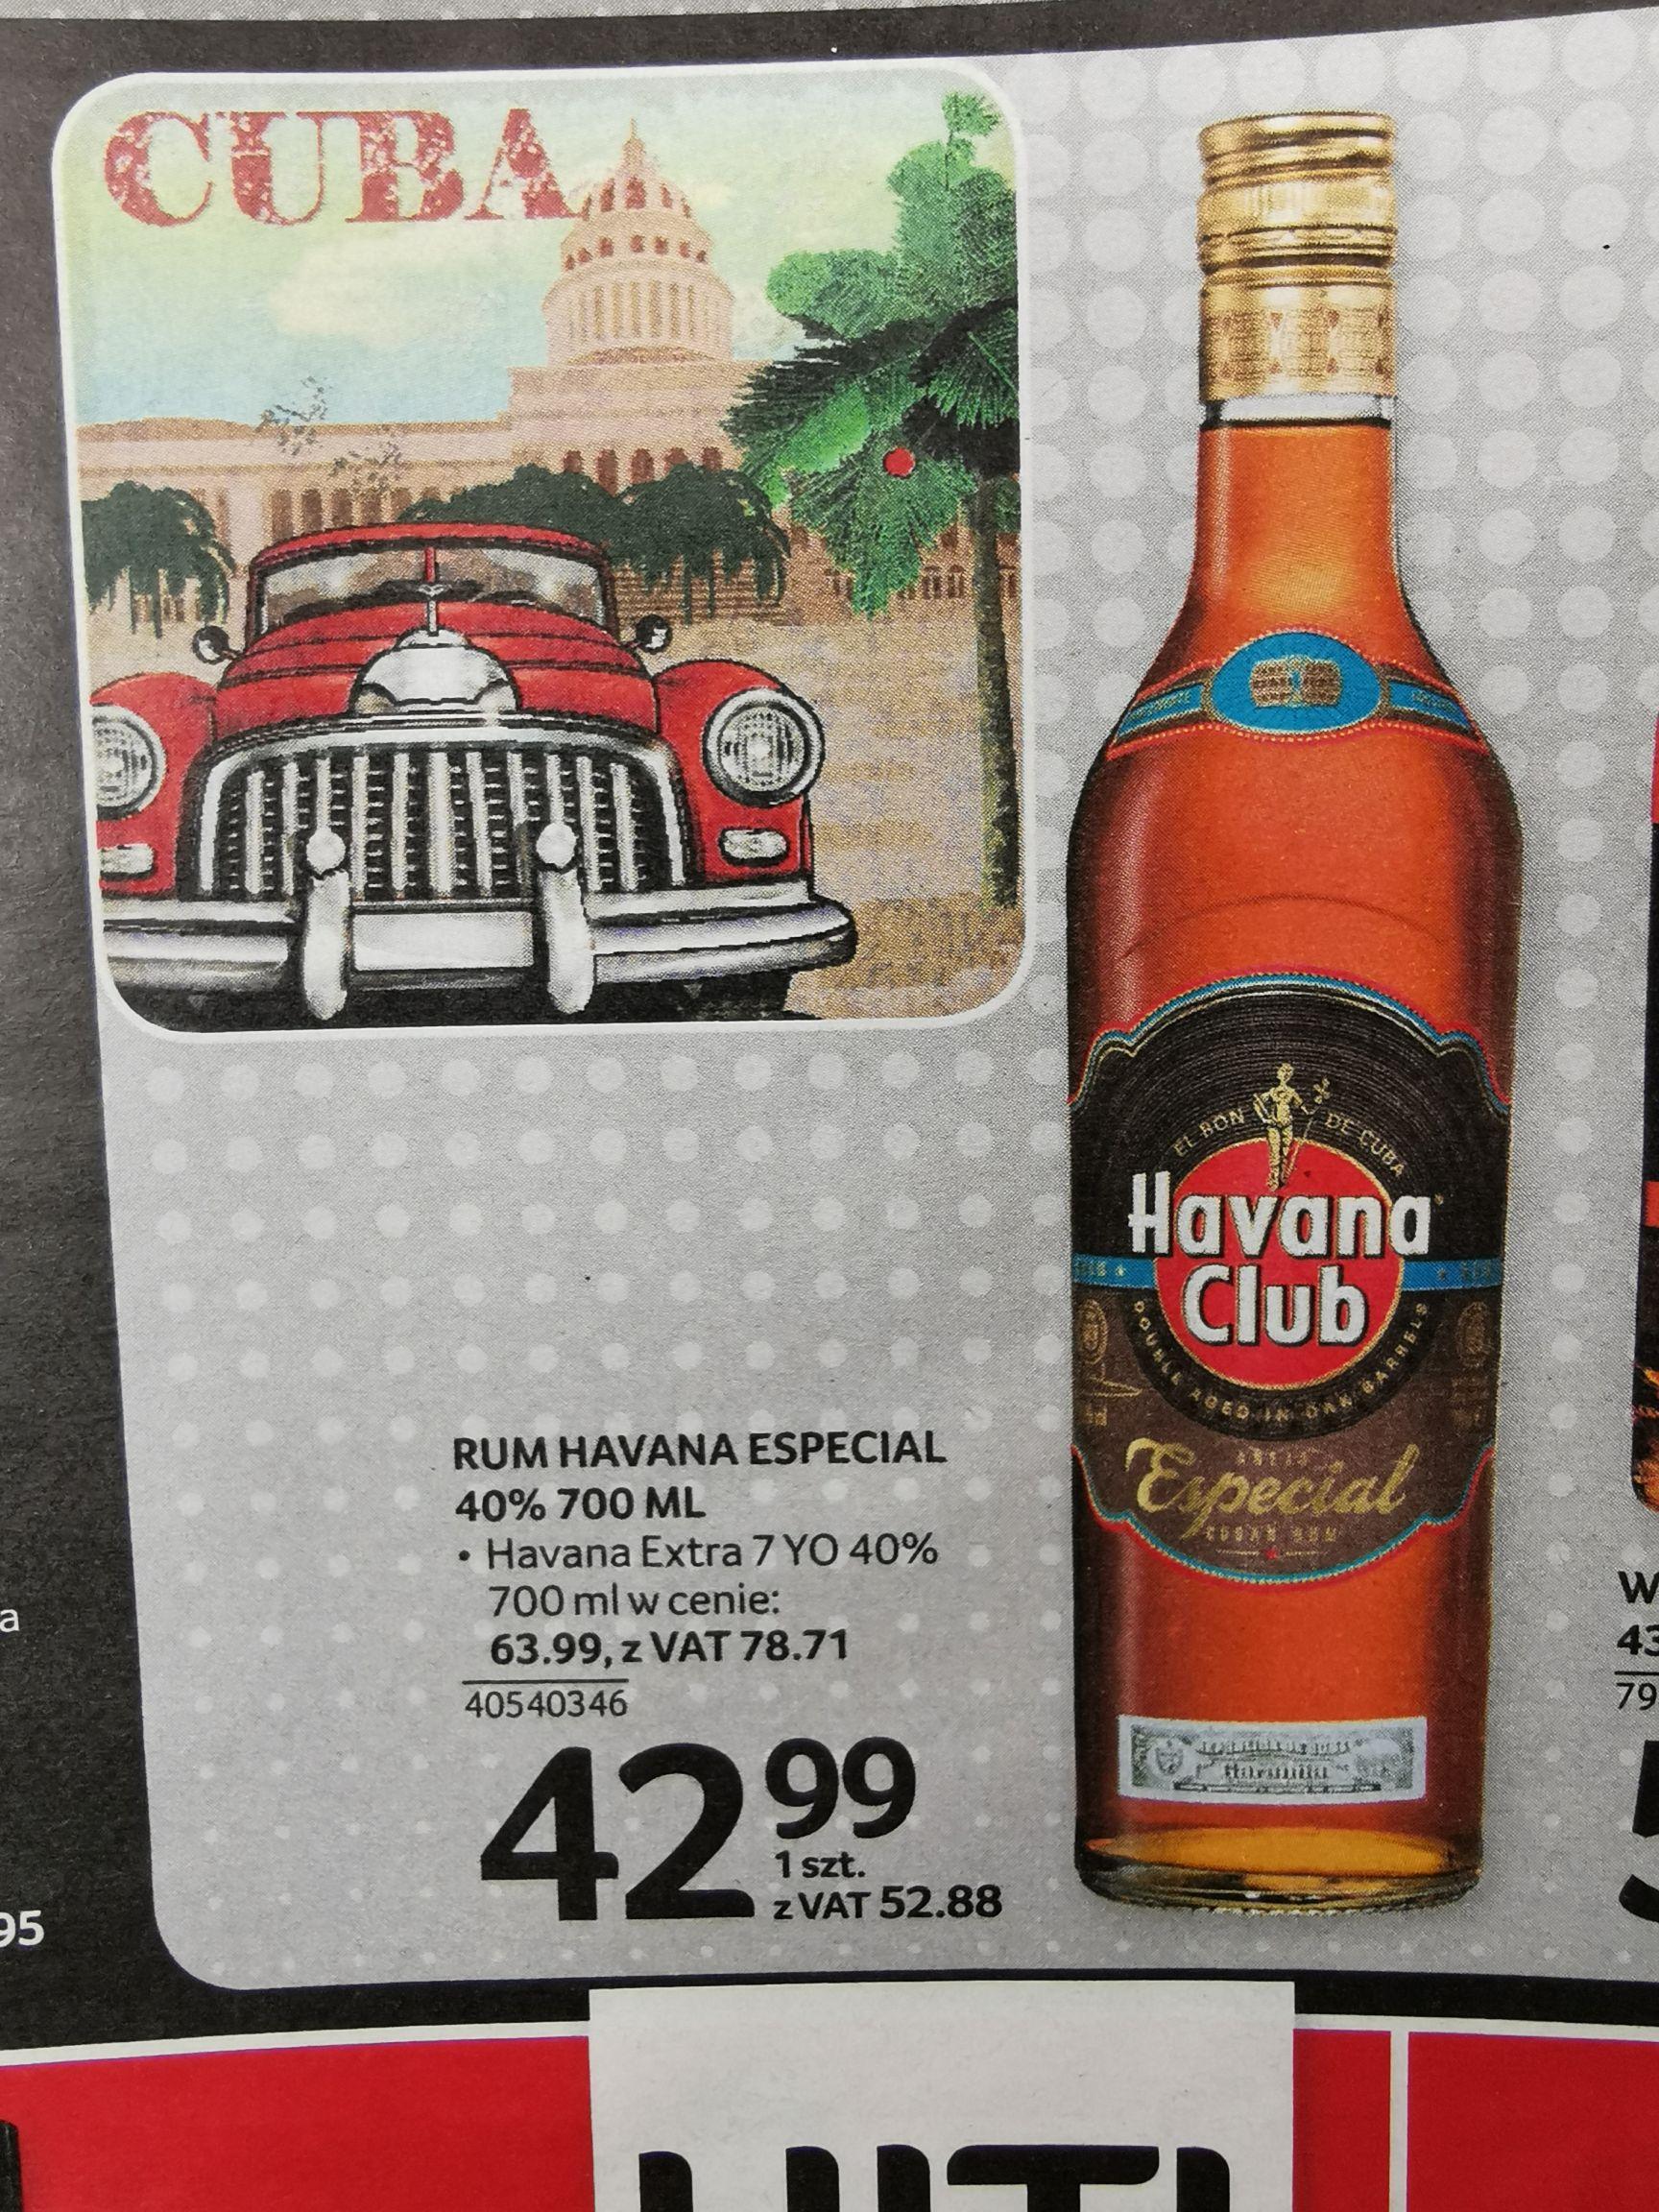 Havana Club Anejo Especial Selgros